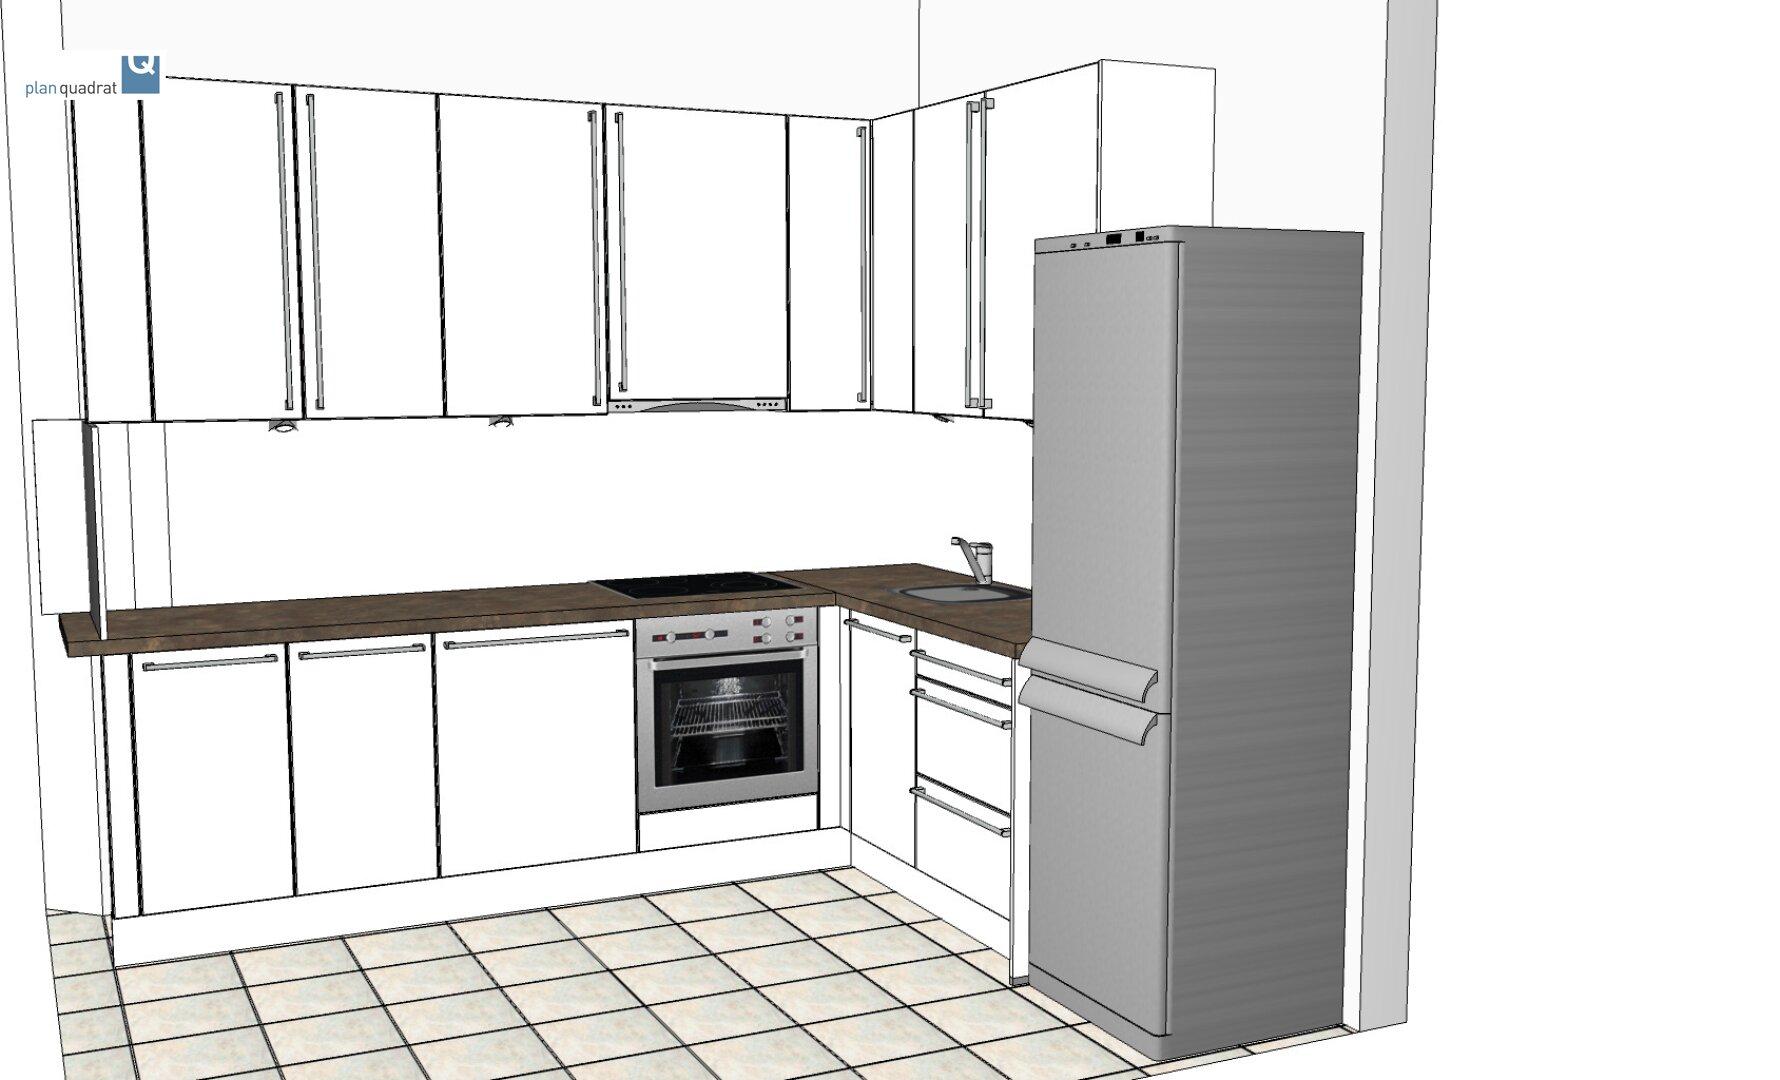 Rendering der hinkünftigen Küchenzeile (Kühlschrank ist nicht Teil der mitvermieteten Einrichtung)